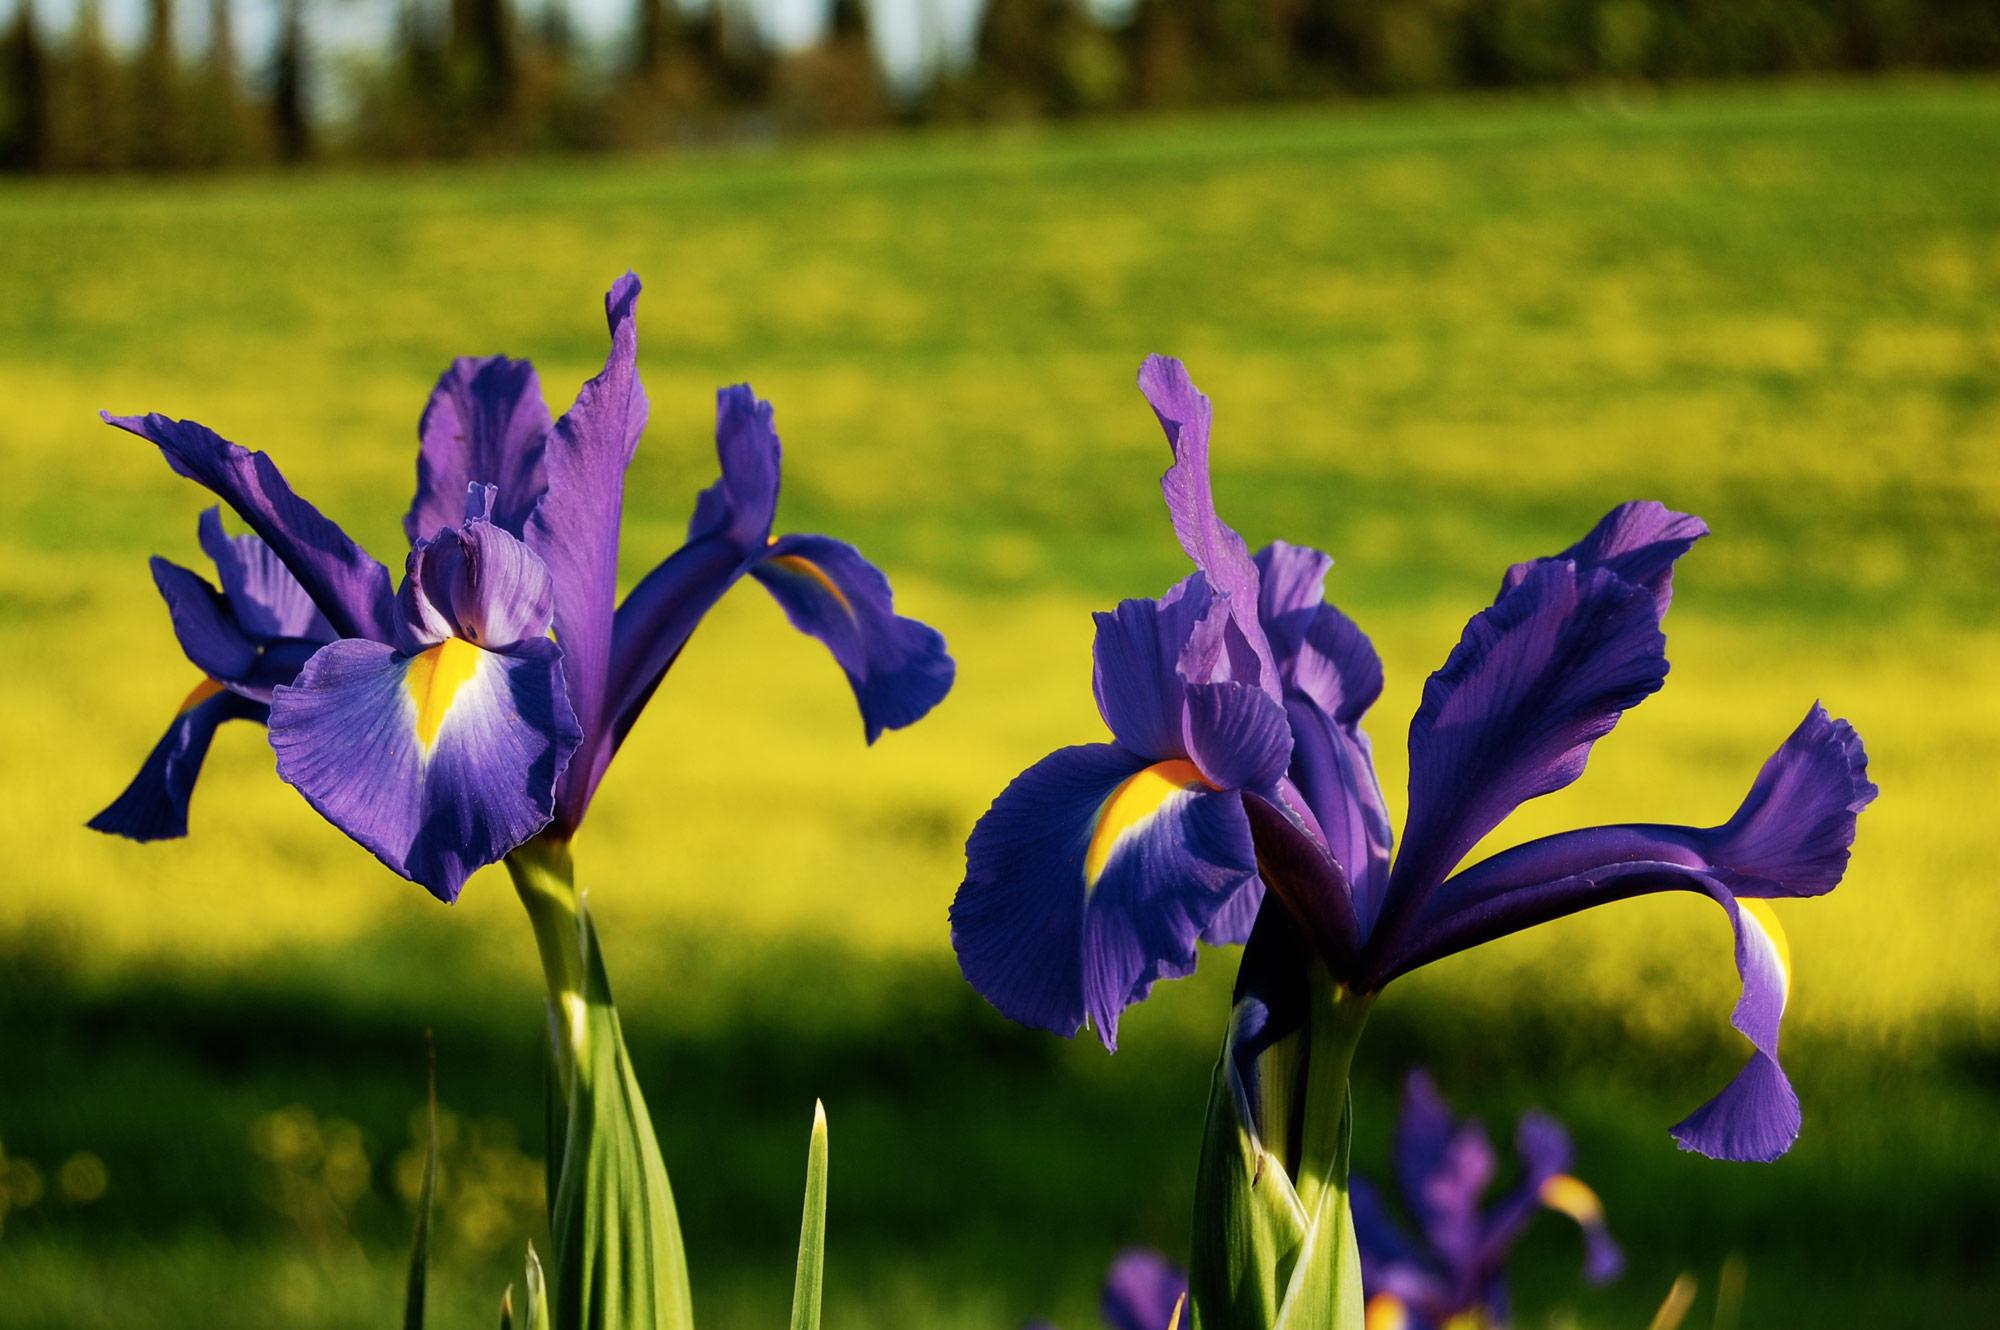 tuscany villa iris